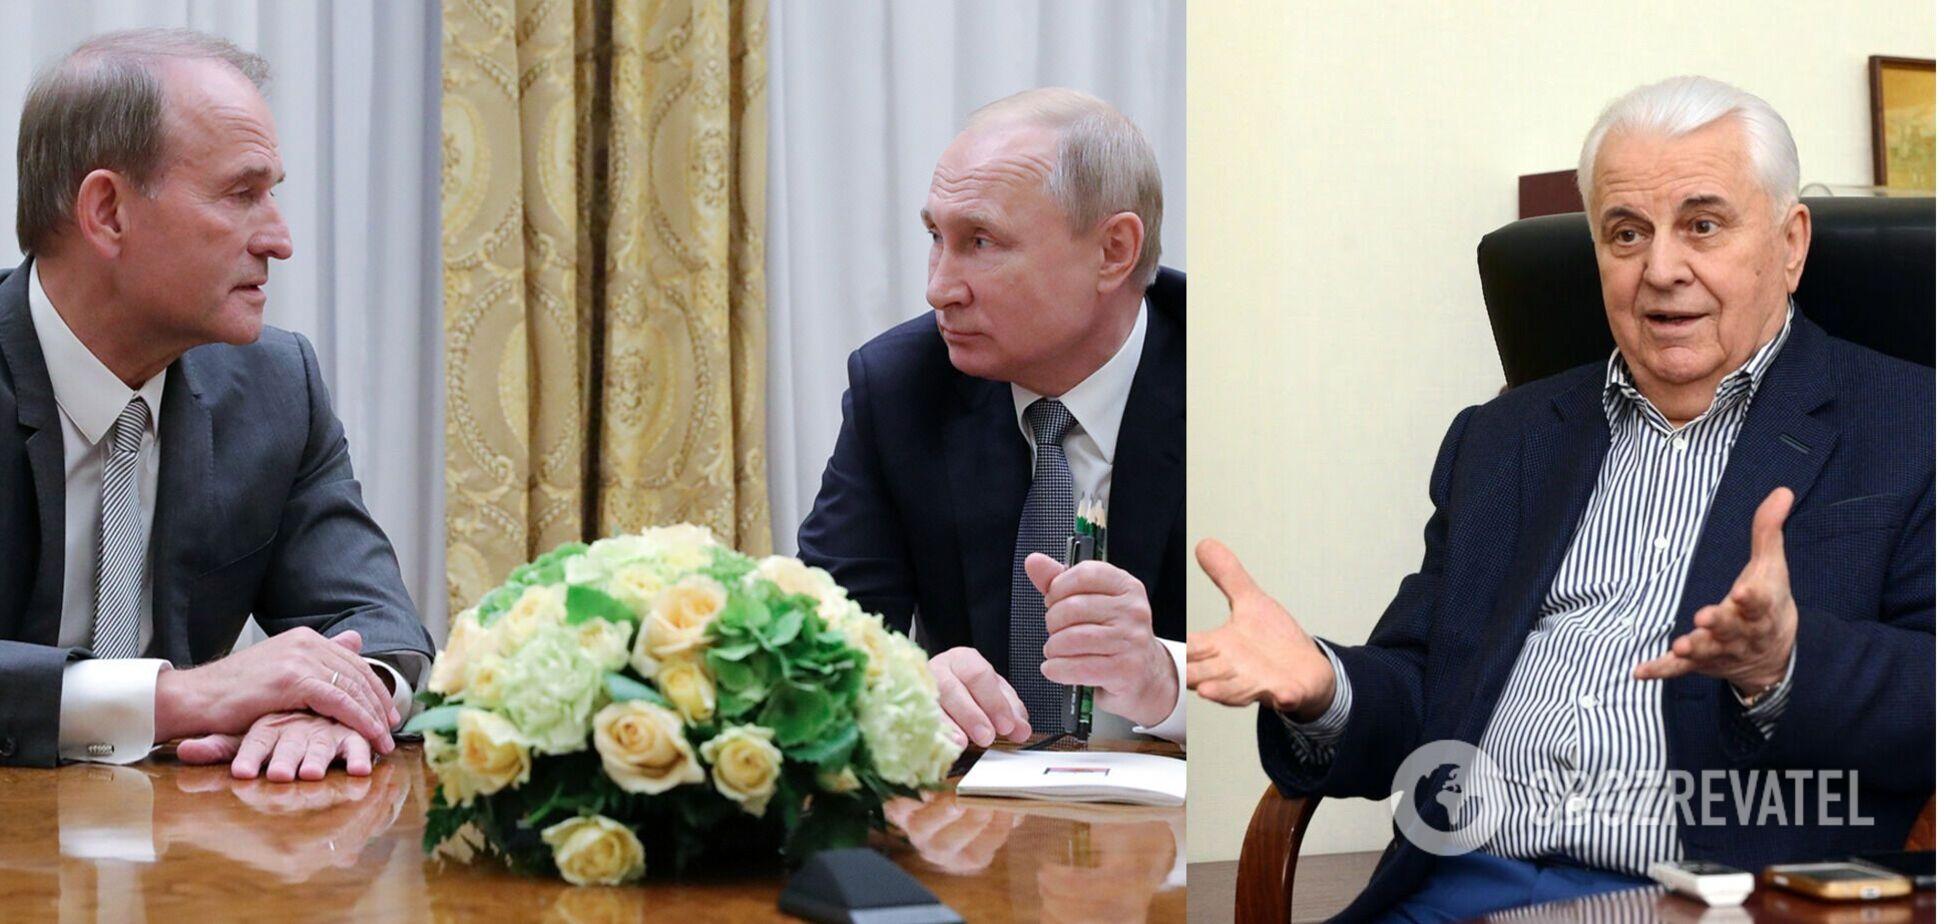 Кравчук розкрив роль Медведчука у плані Путіна щодо України